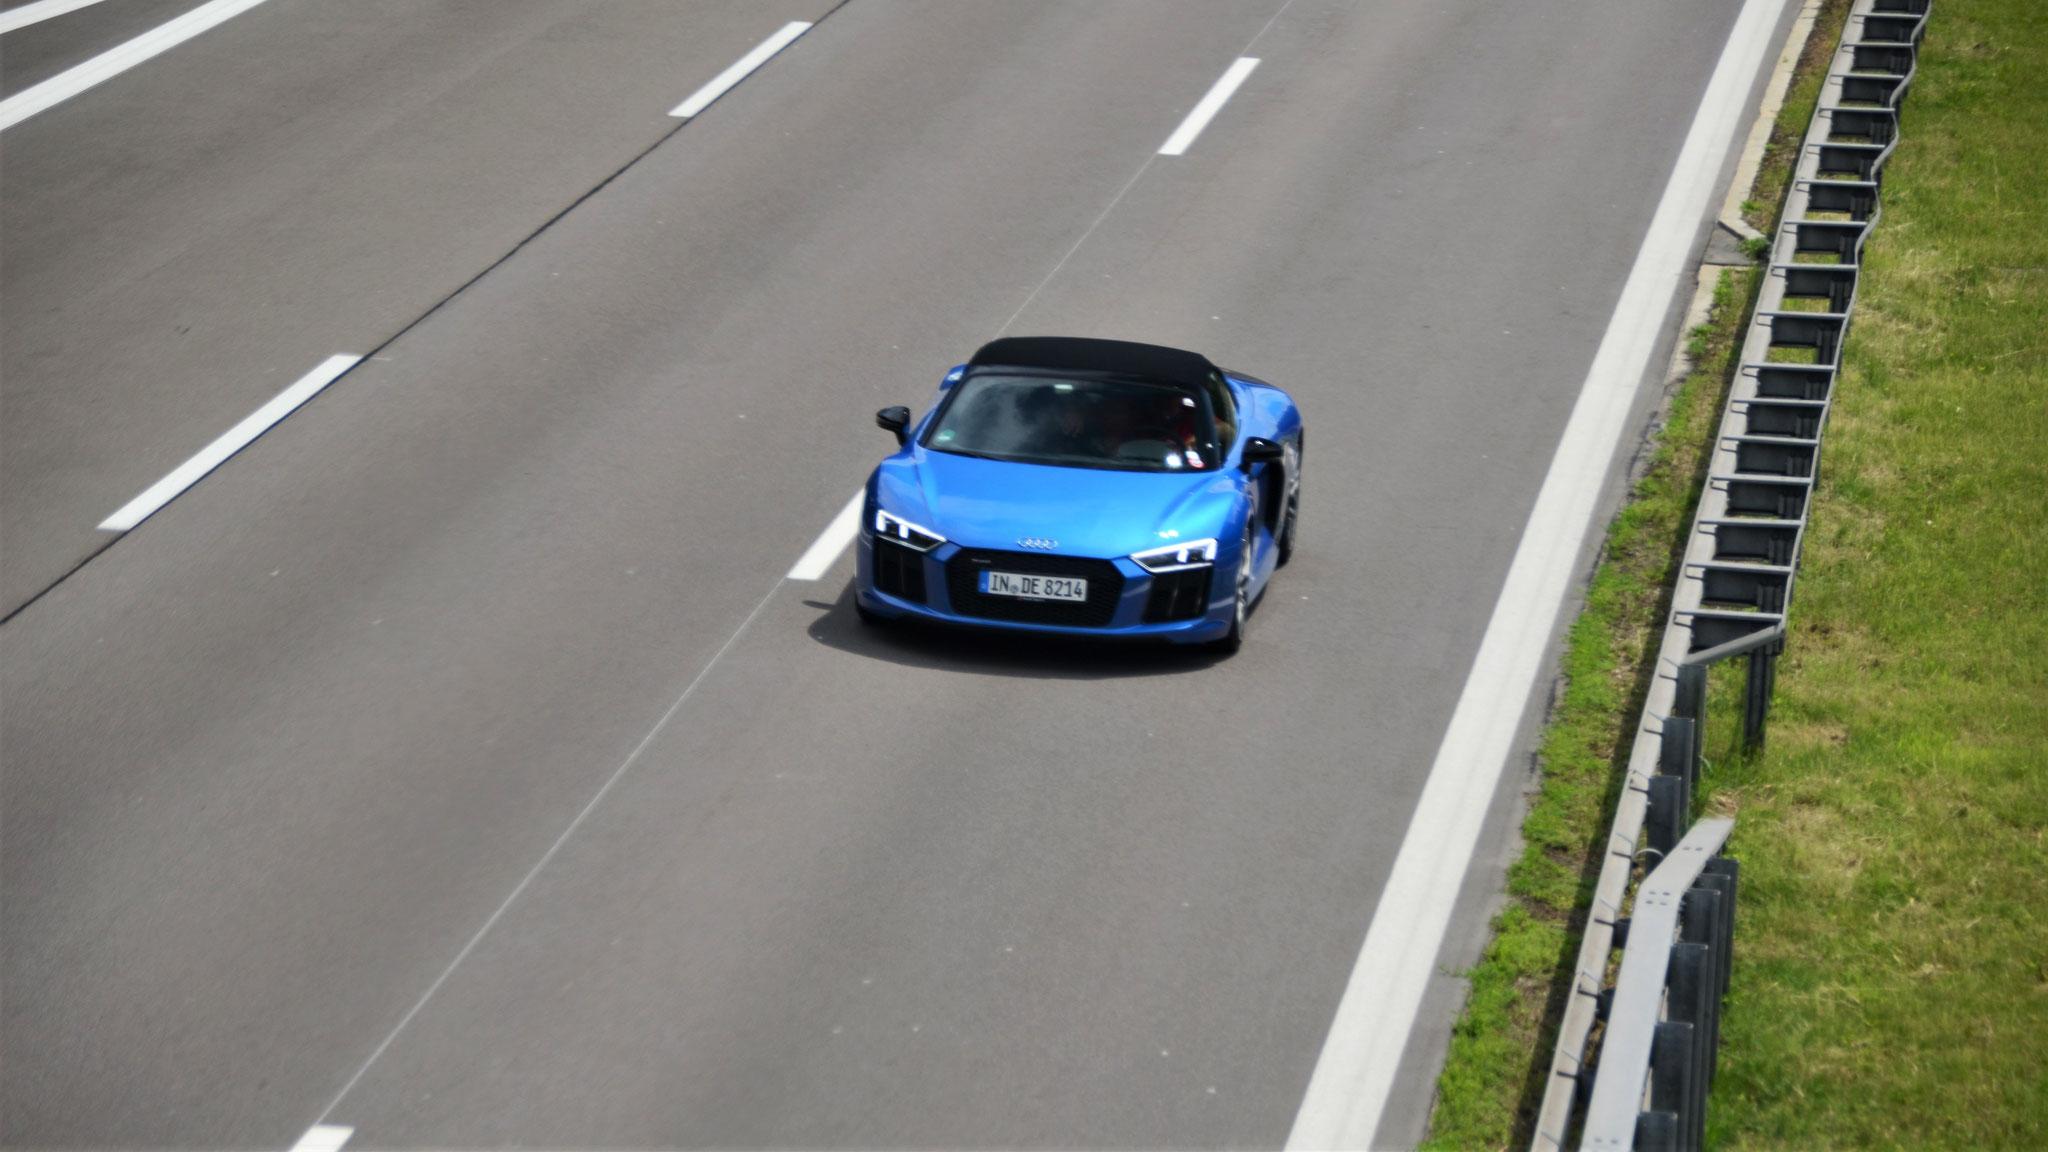 Audi R8 V10 Spyder - IN-DE-8214